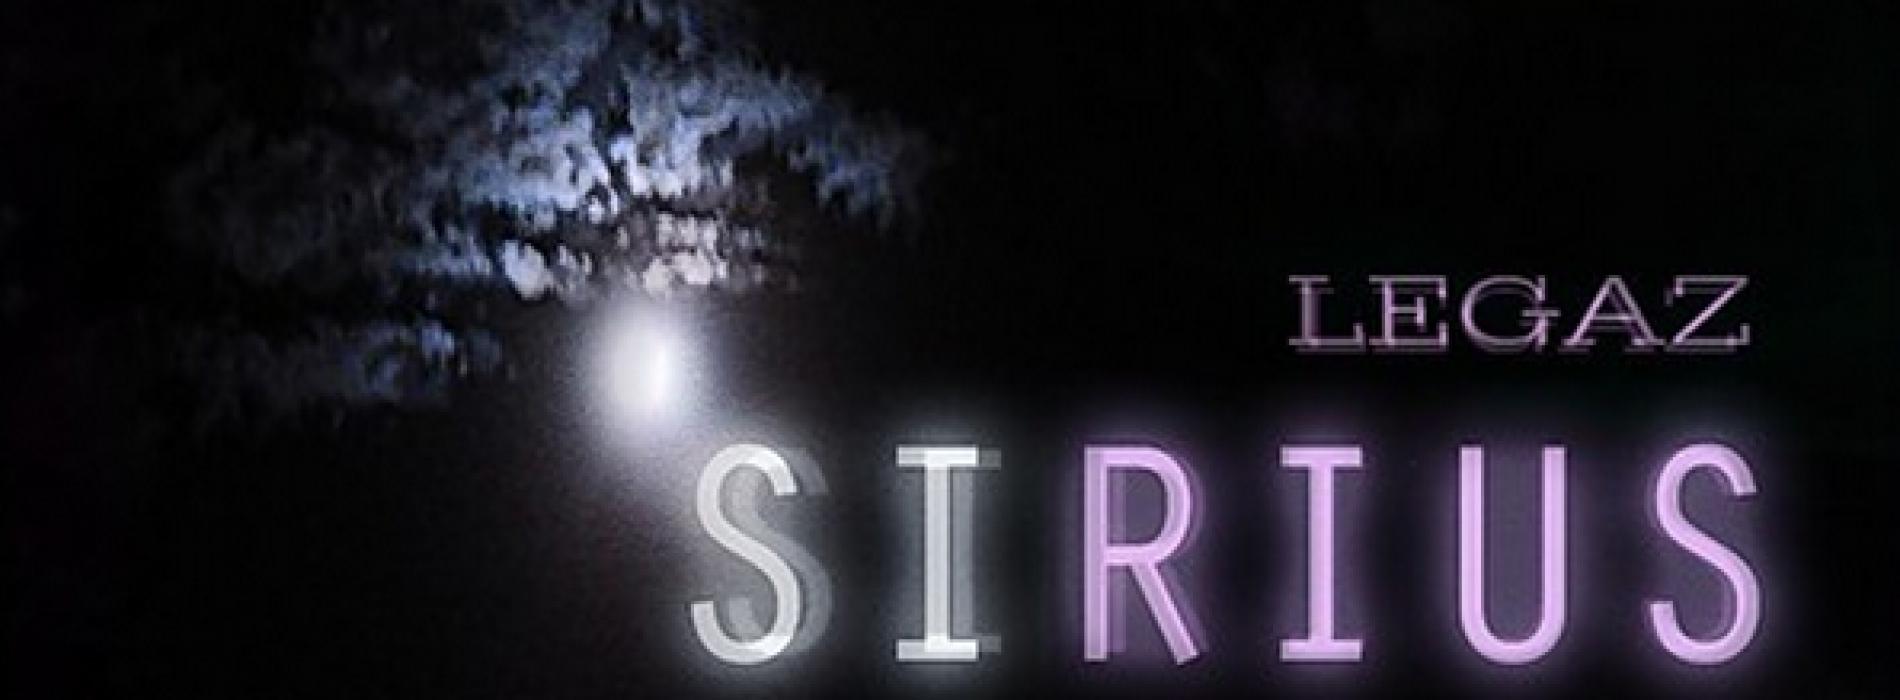 LegaZ – SIRIUS (Original Mix)